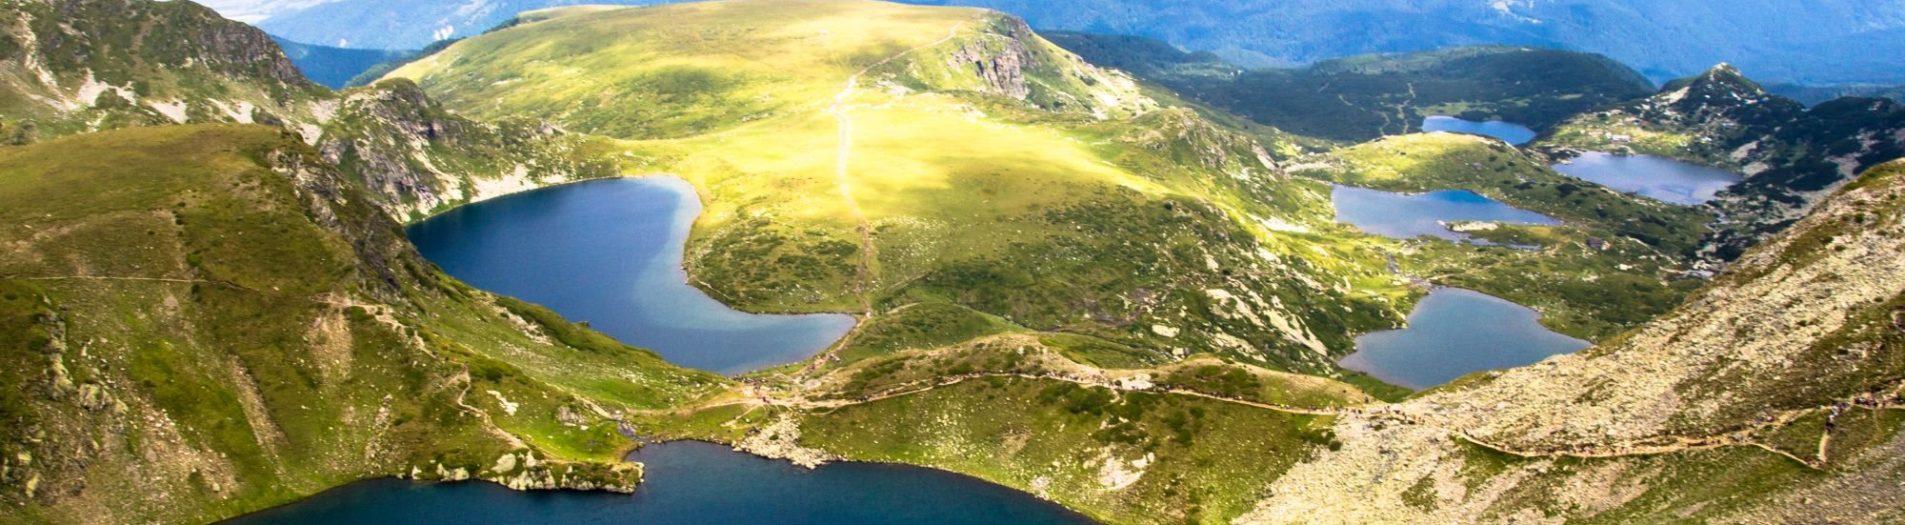 Седемте рилски езера - стокови снимки